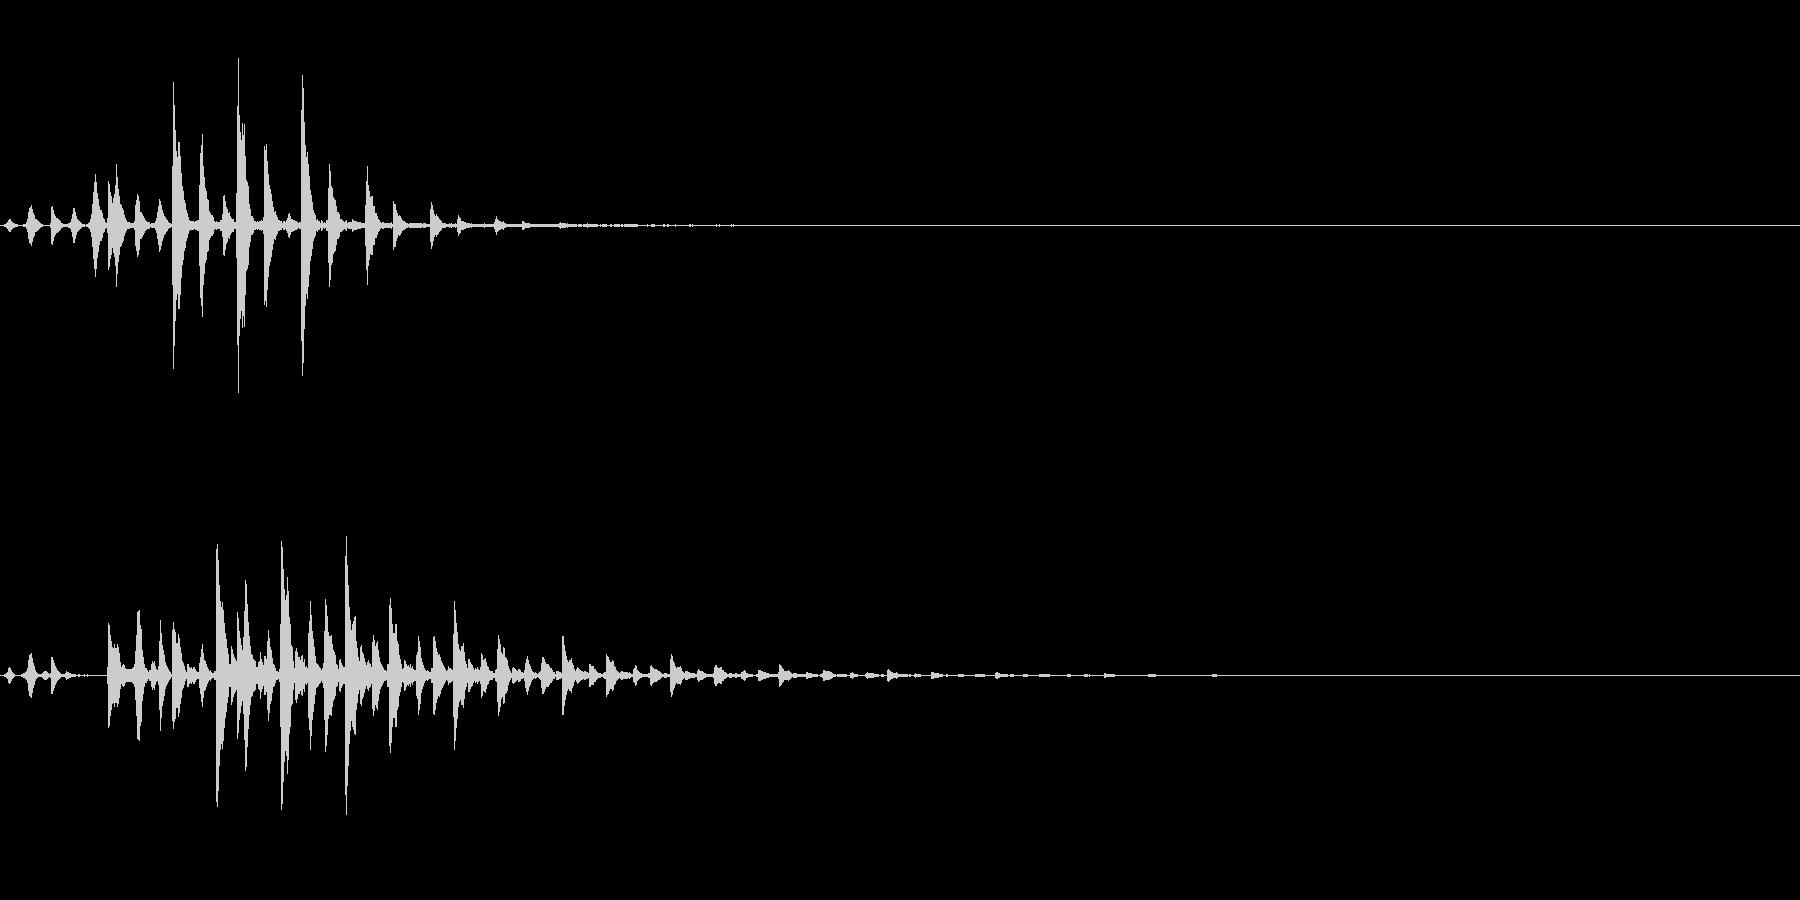 スライム 飛び散る 細胞分裂 プリンの未再生の波形